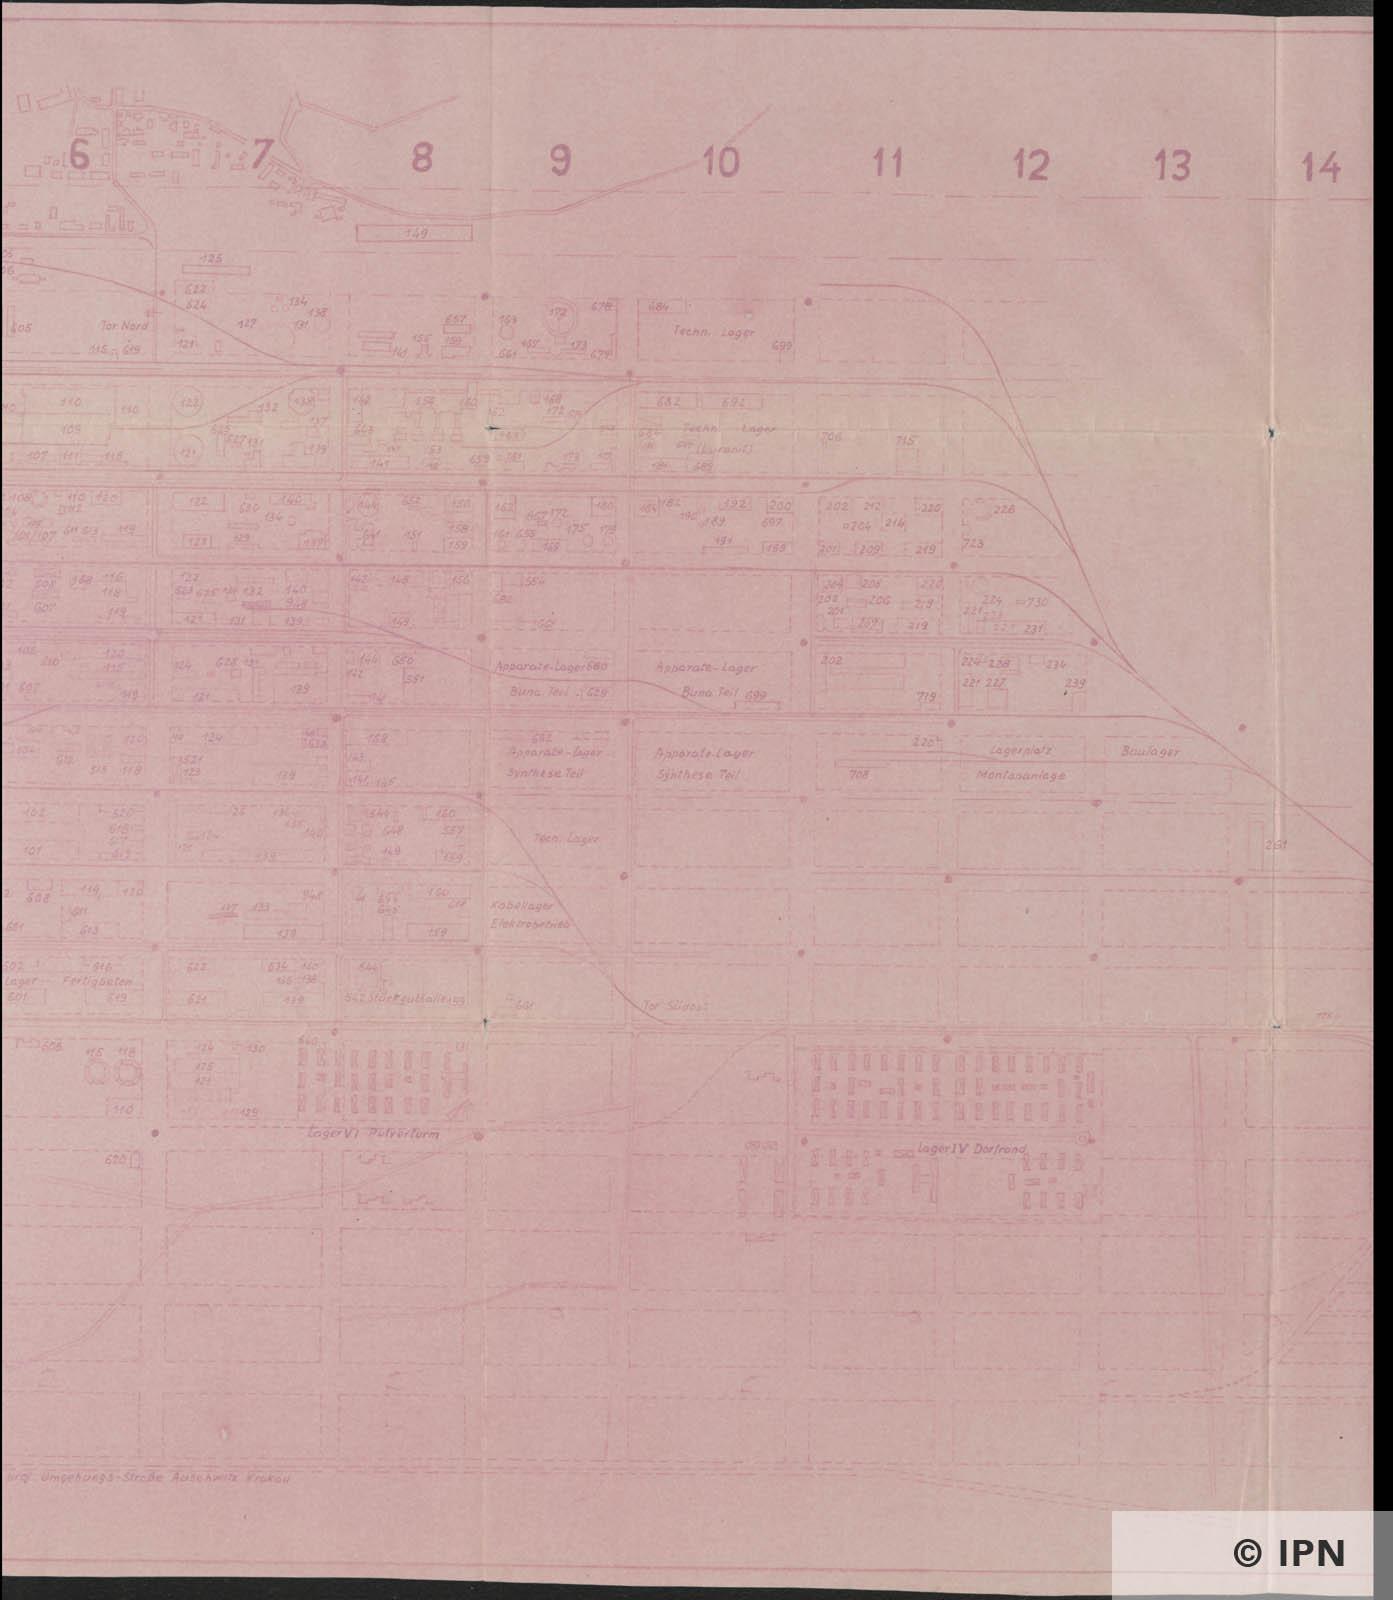 IG Farben AG Werk Auschwitz Plan. 20 August 1944 IPN GK 196 101 0041